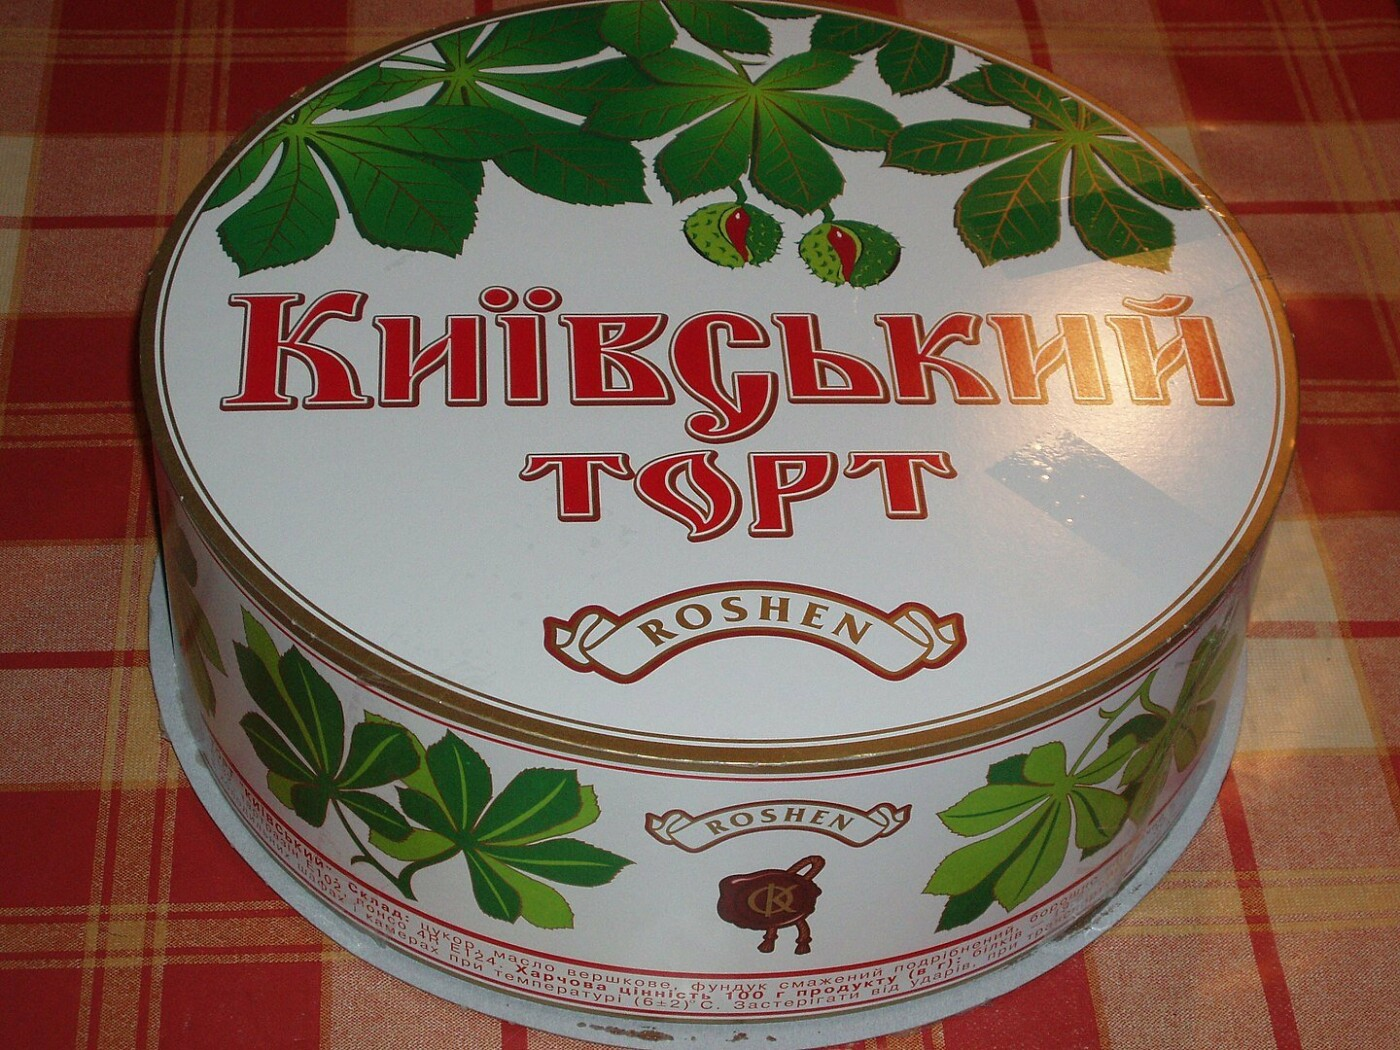 Киевский торт: когда и как появился кондитерский символ города, - ФОТО, ВИДЕО, Википедия